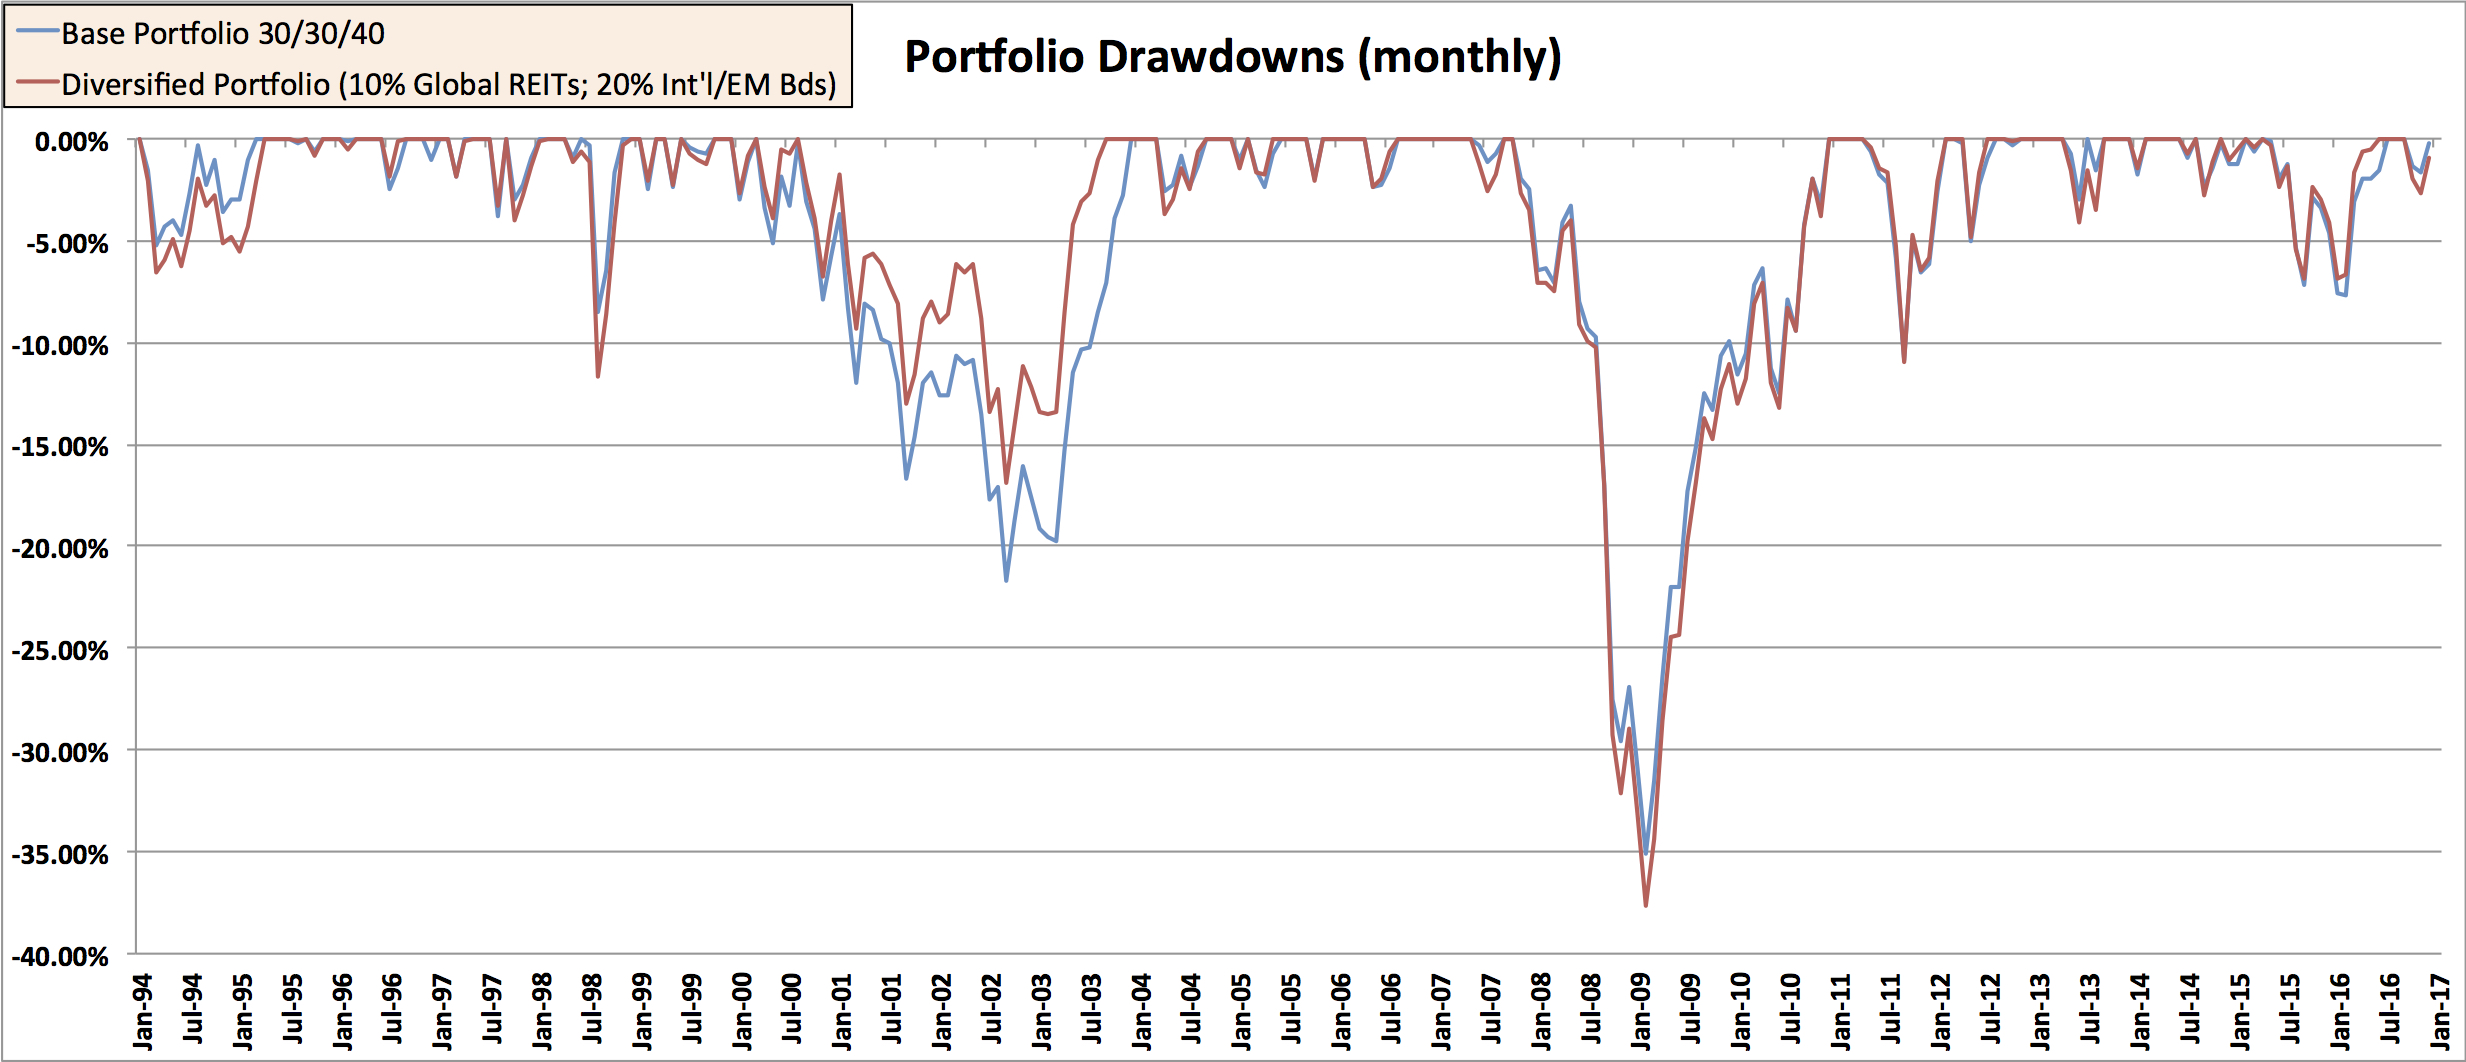 EMB REIT Drawdown 10% Glob-REITs 20% Intl EM Bds